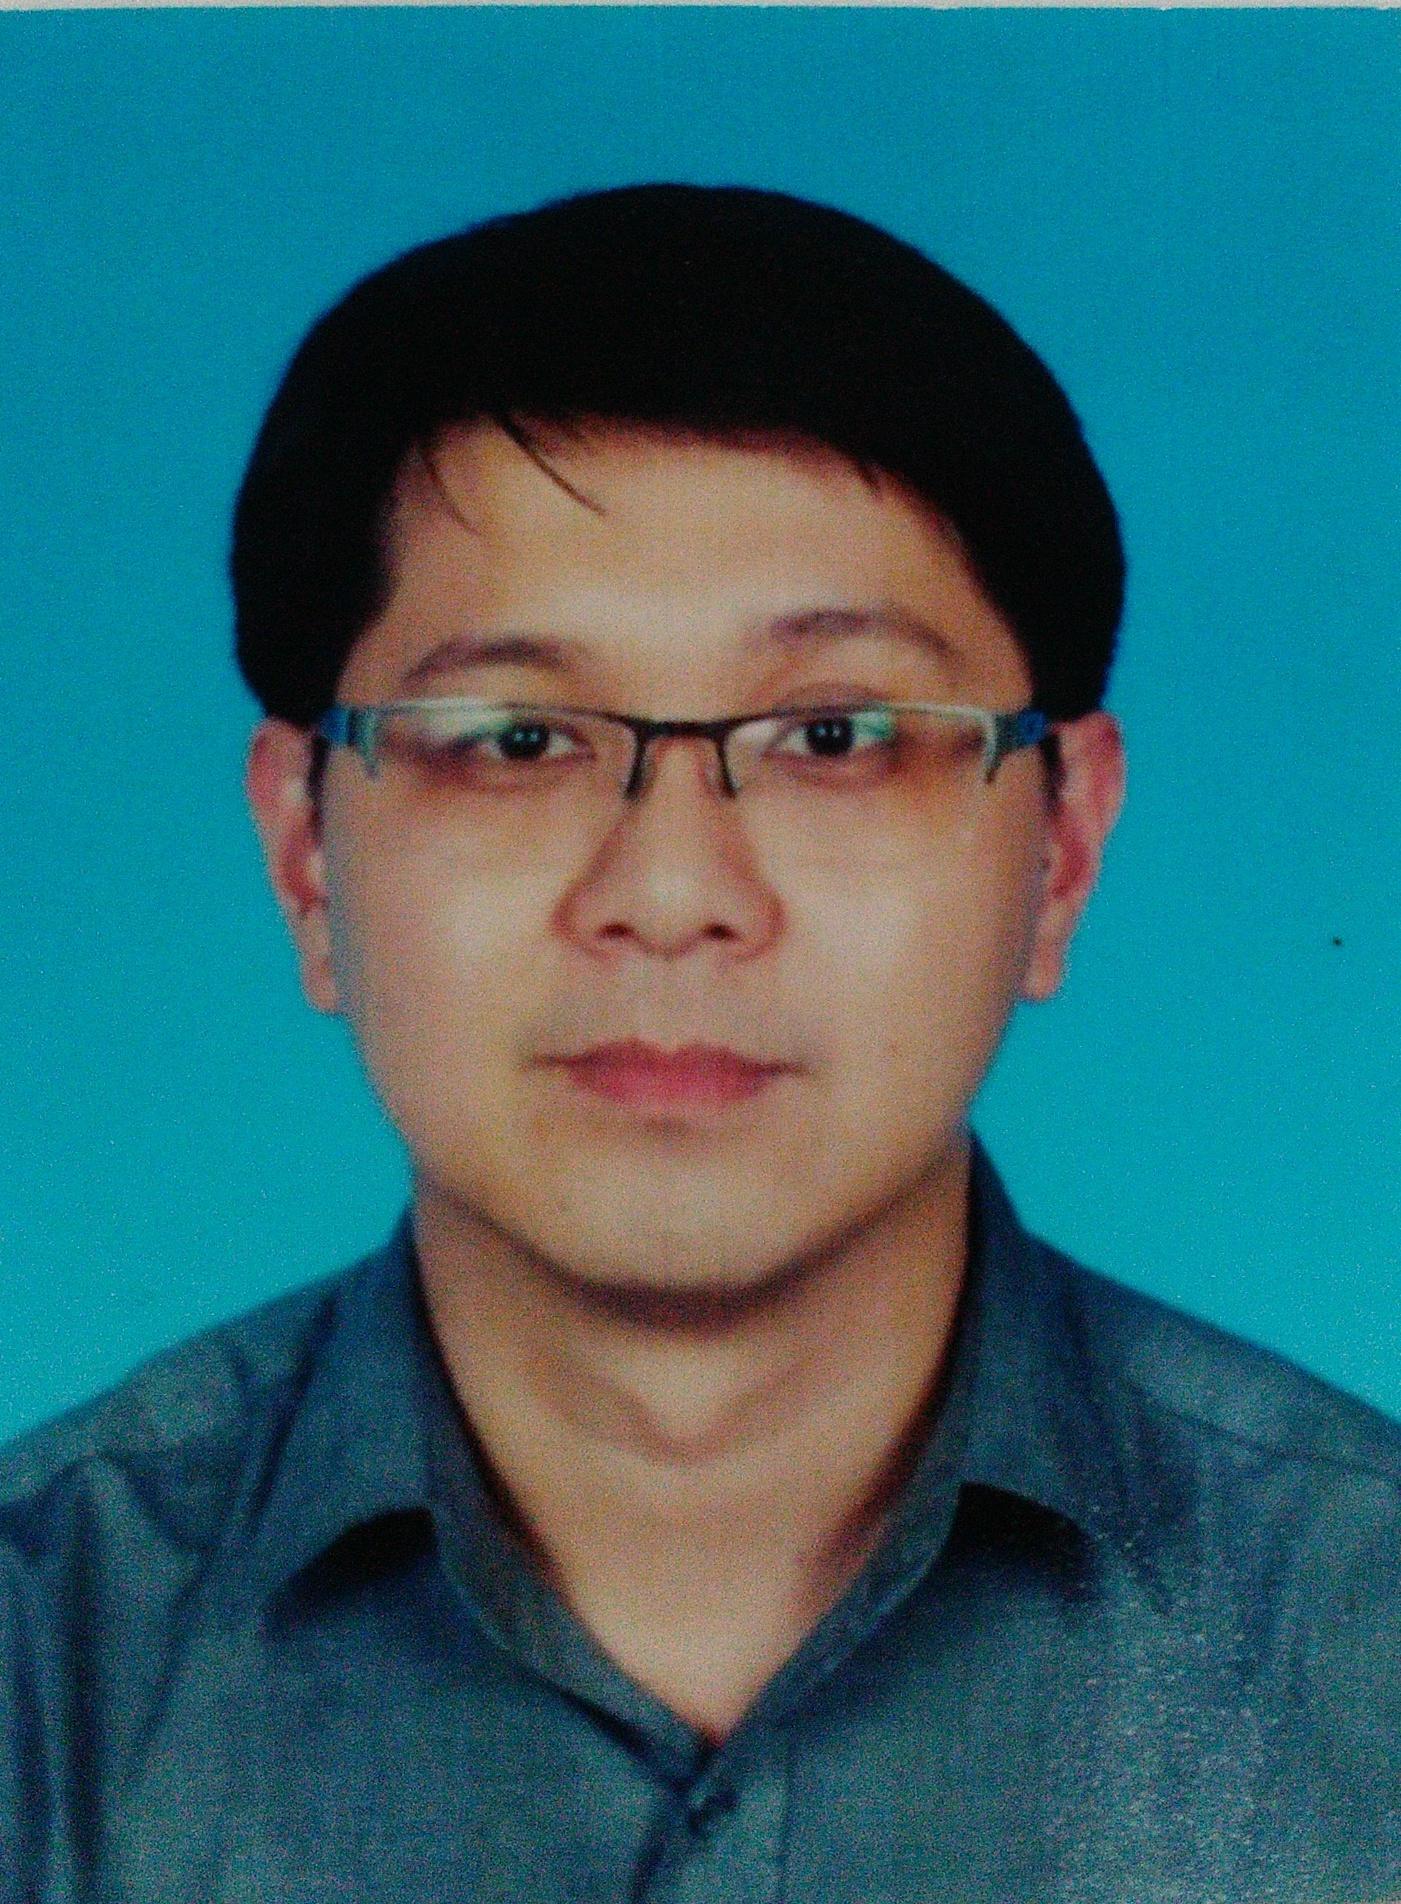 Chang Wei Yong